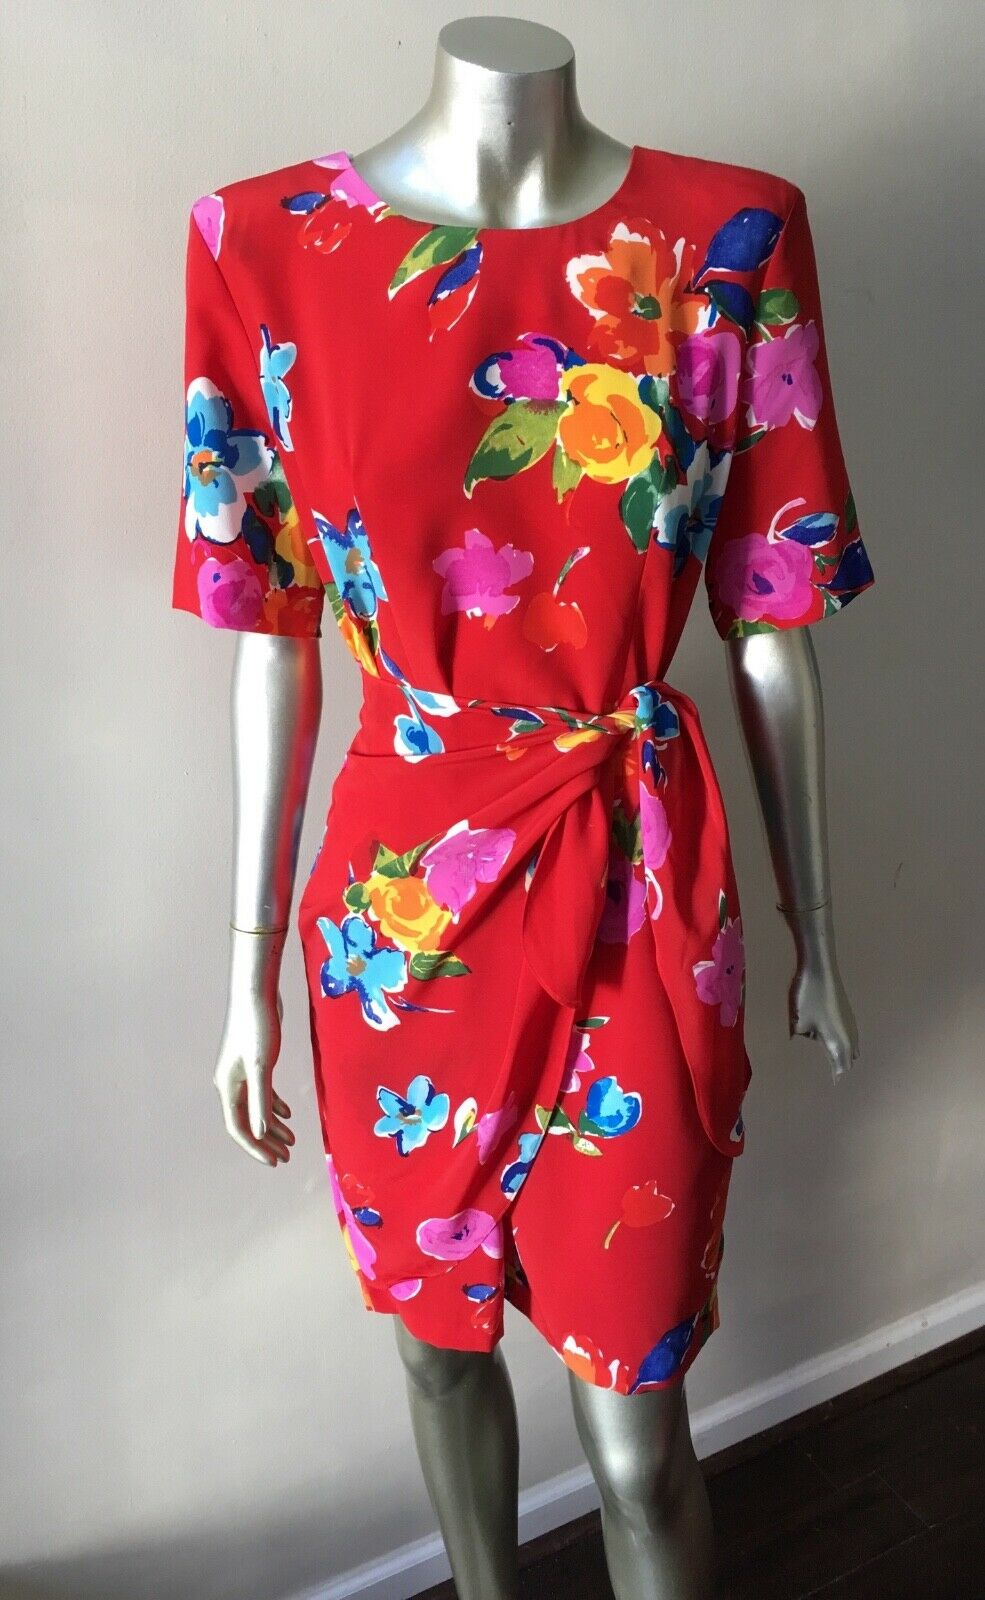 Floral Wrap Vintage 90s Retro Crepe Short Sleeve Mini Red Party Dress Sz S